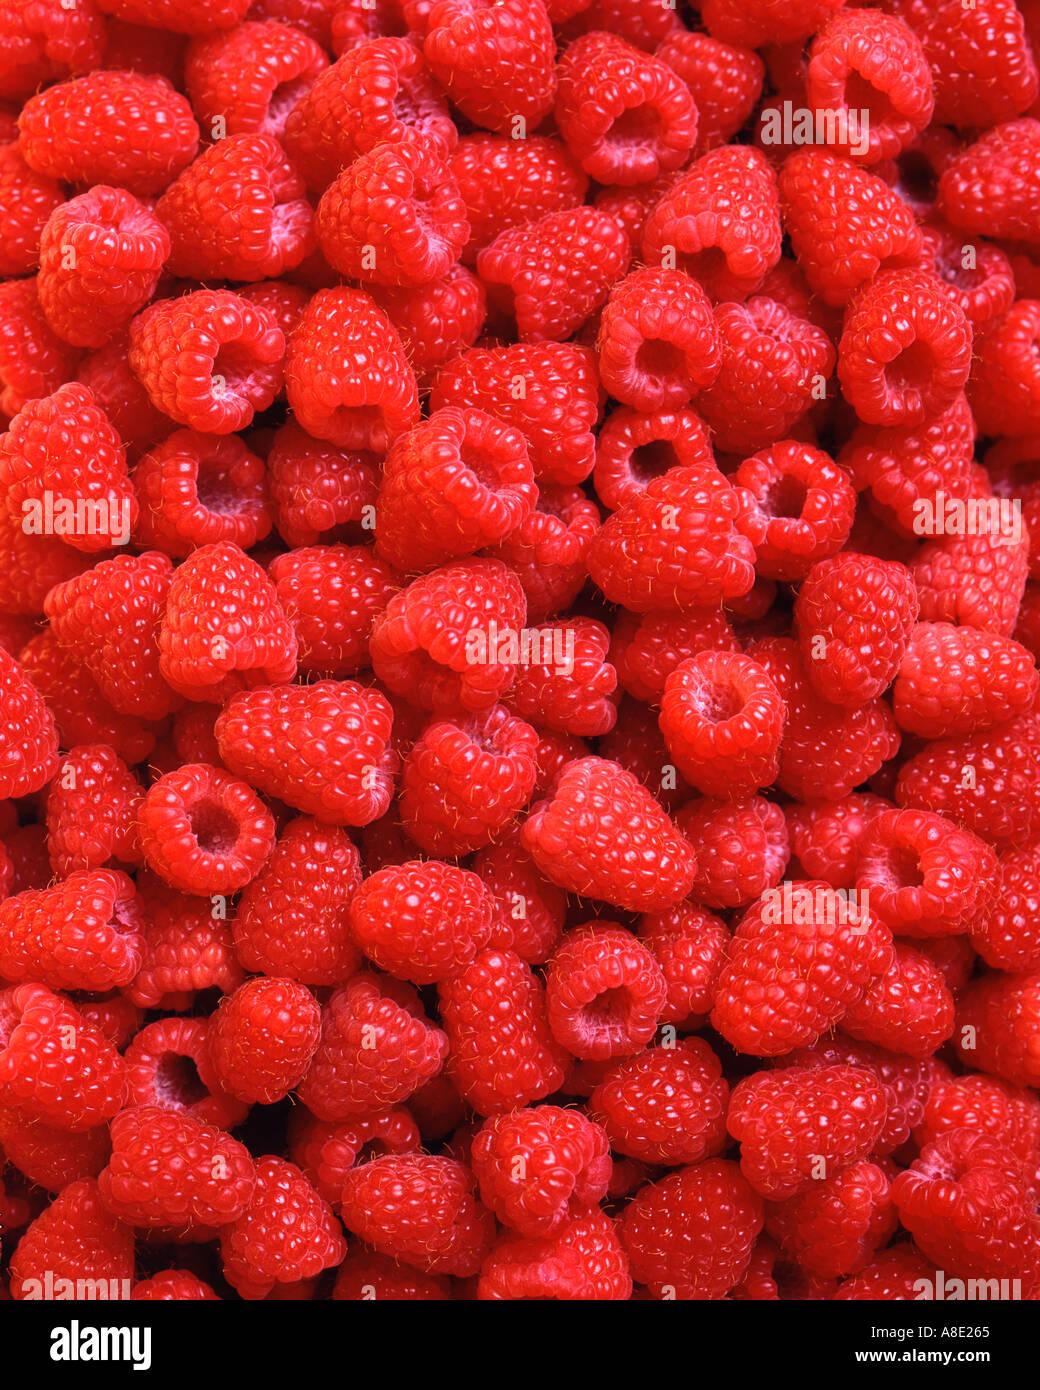 Antecedentes de las frambuesas rojas frescas Imagen De Stock